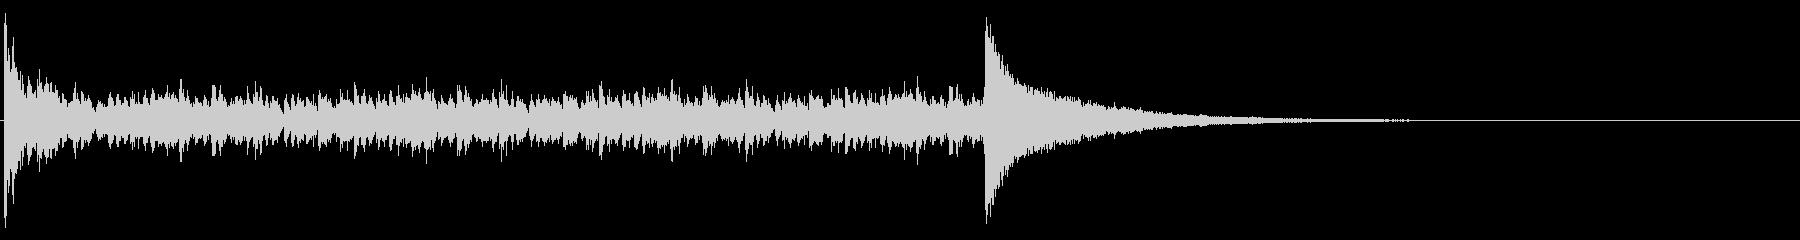 ドラムロール_7秒の未再生の波形